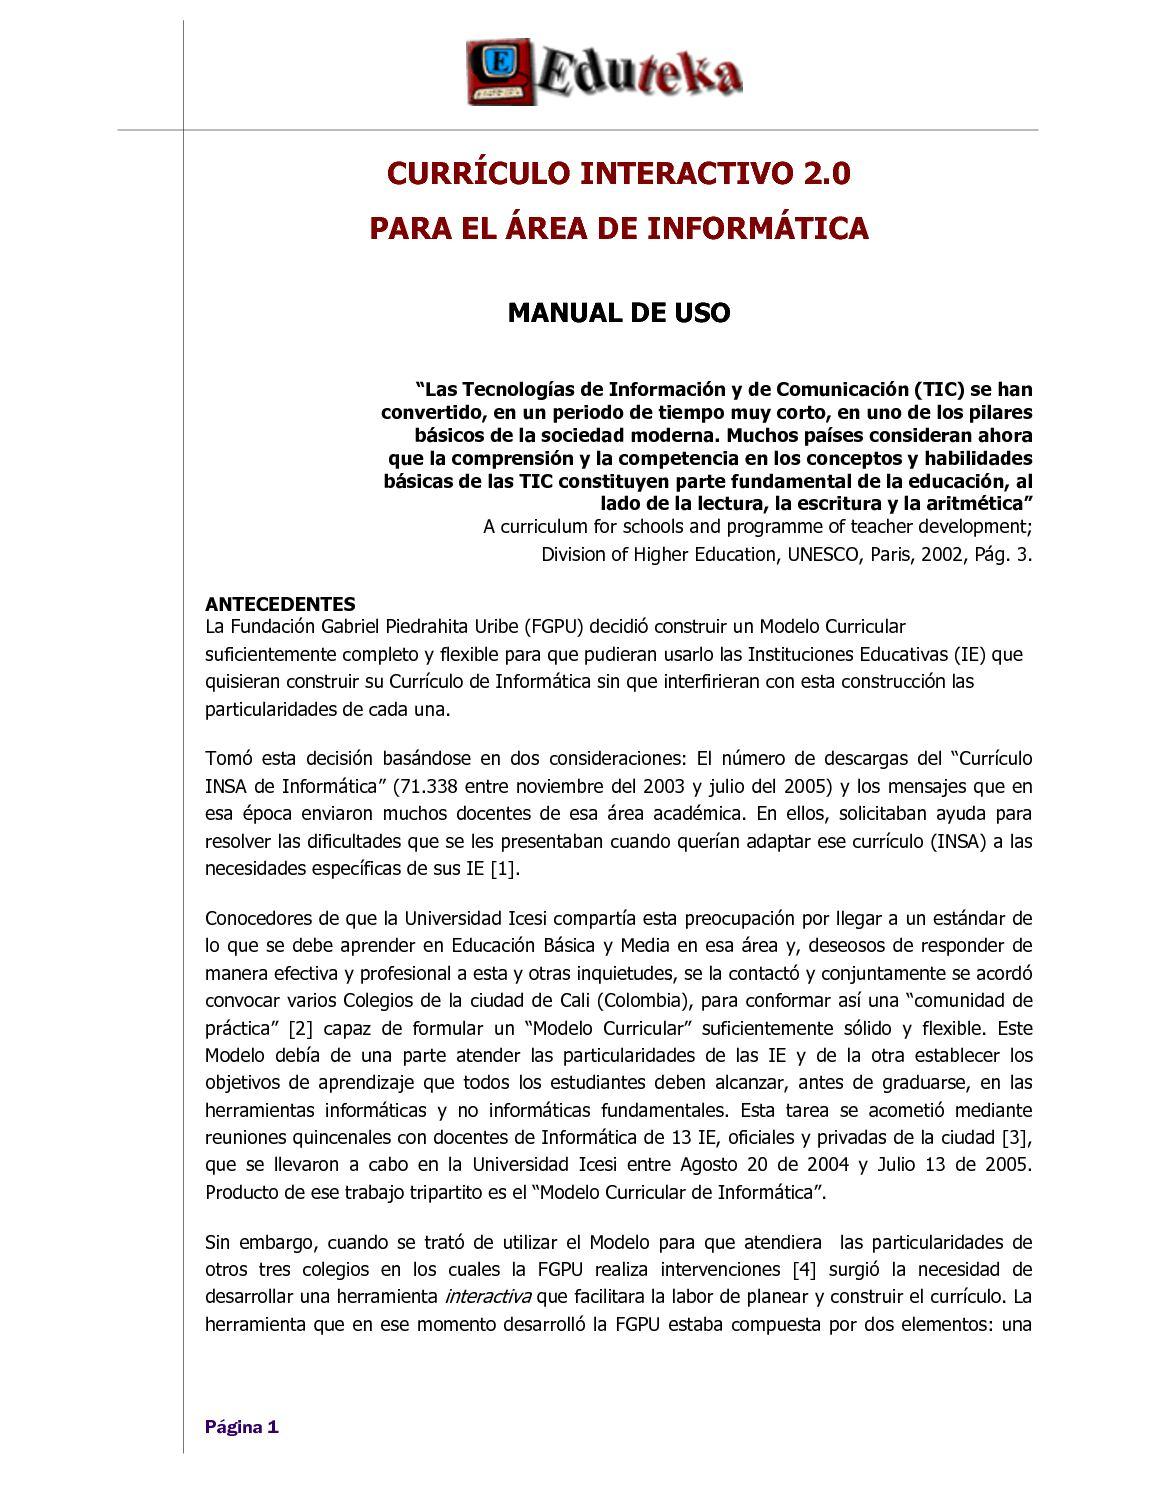 Calaméo - Manual del Currículo Interactivo 2.0